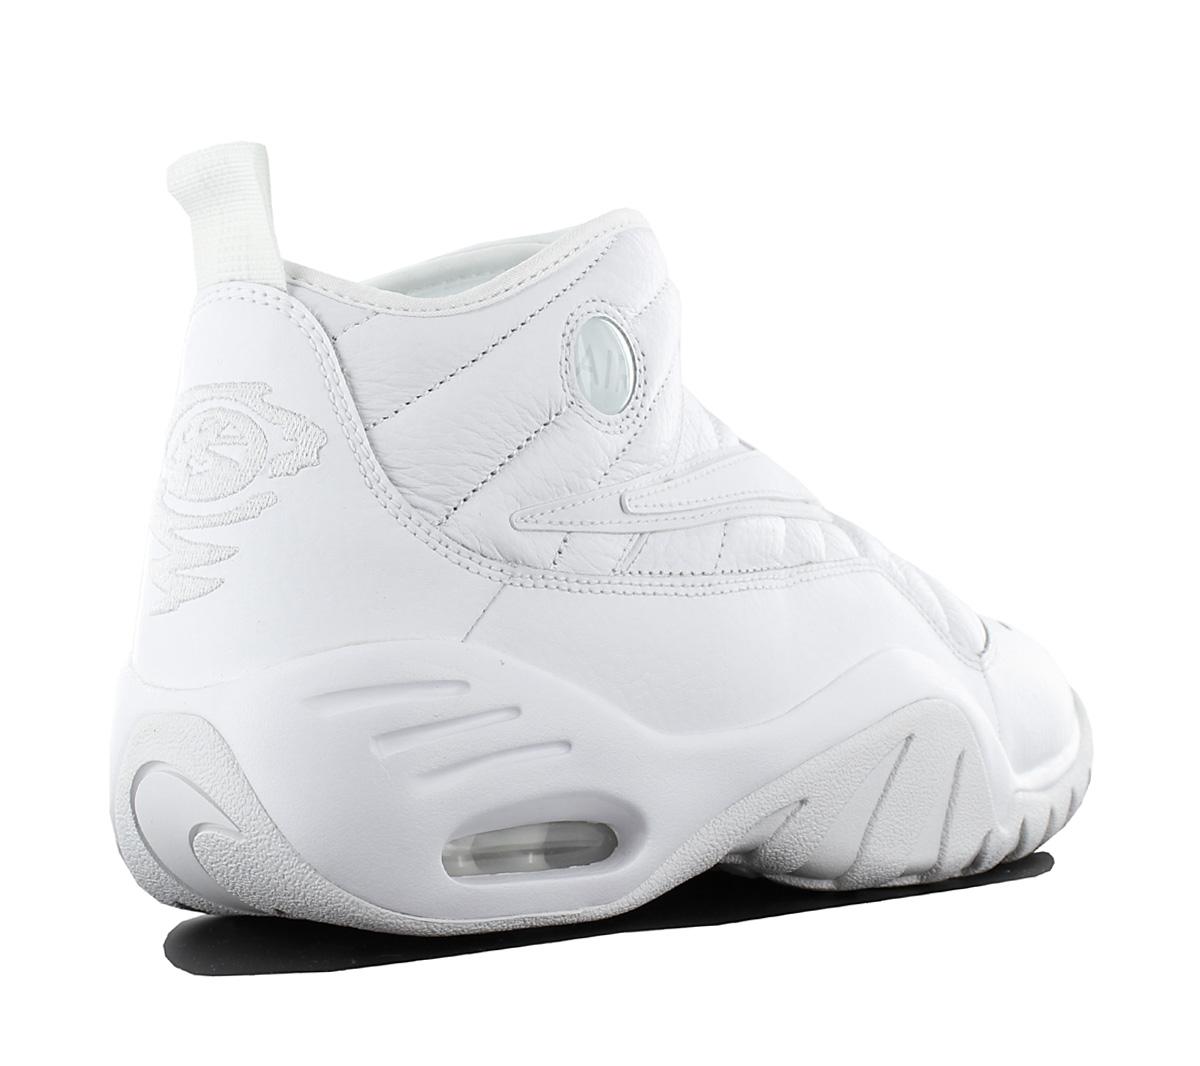 9d1fc3ef73af Nike Air Max Shake Ndestrukt Men s Shoes Basketball Leather White ...